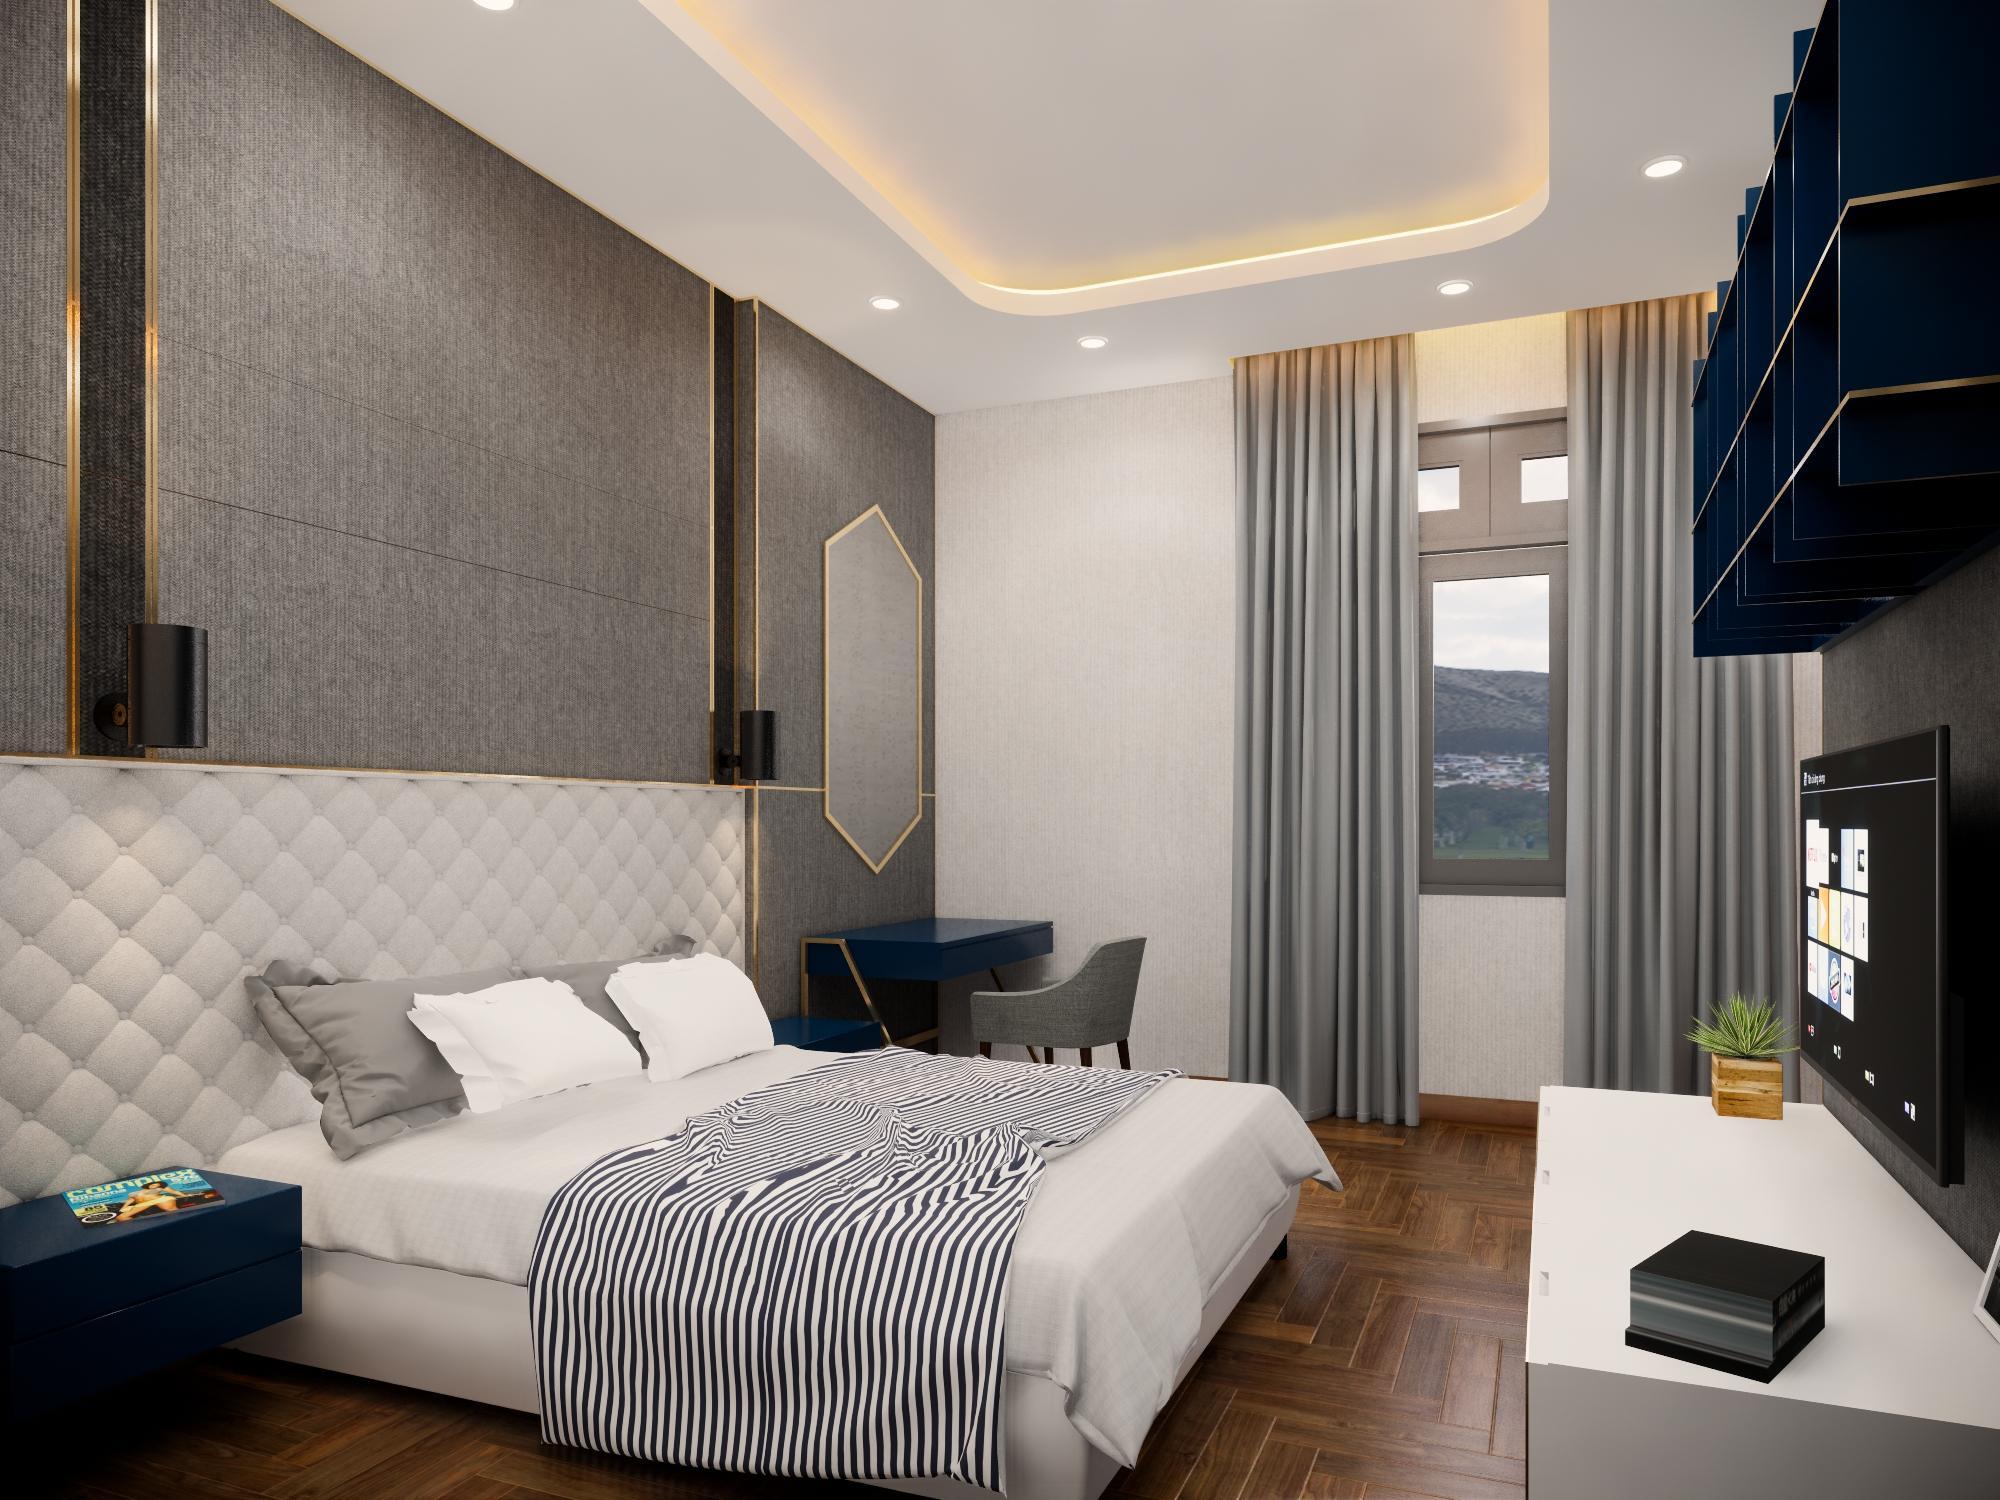 Thiết kế nội thất Nhà tại Bình Thuận NHÀ PHỐ I TRẦN THỊ PHƯƠNG LAN 1574139985 7